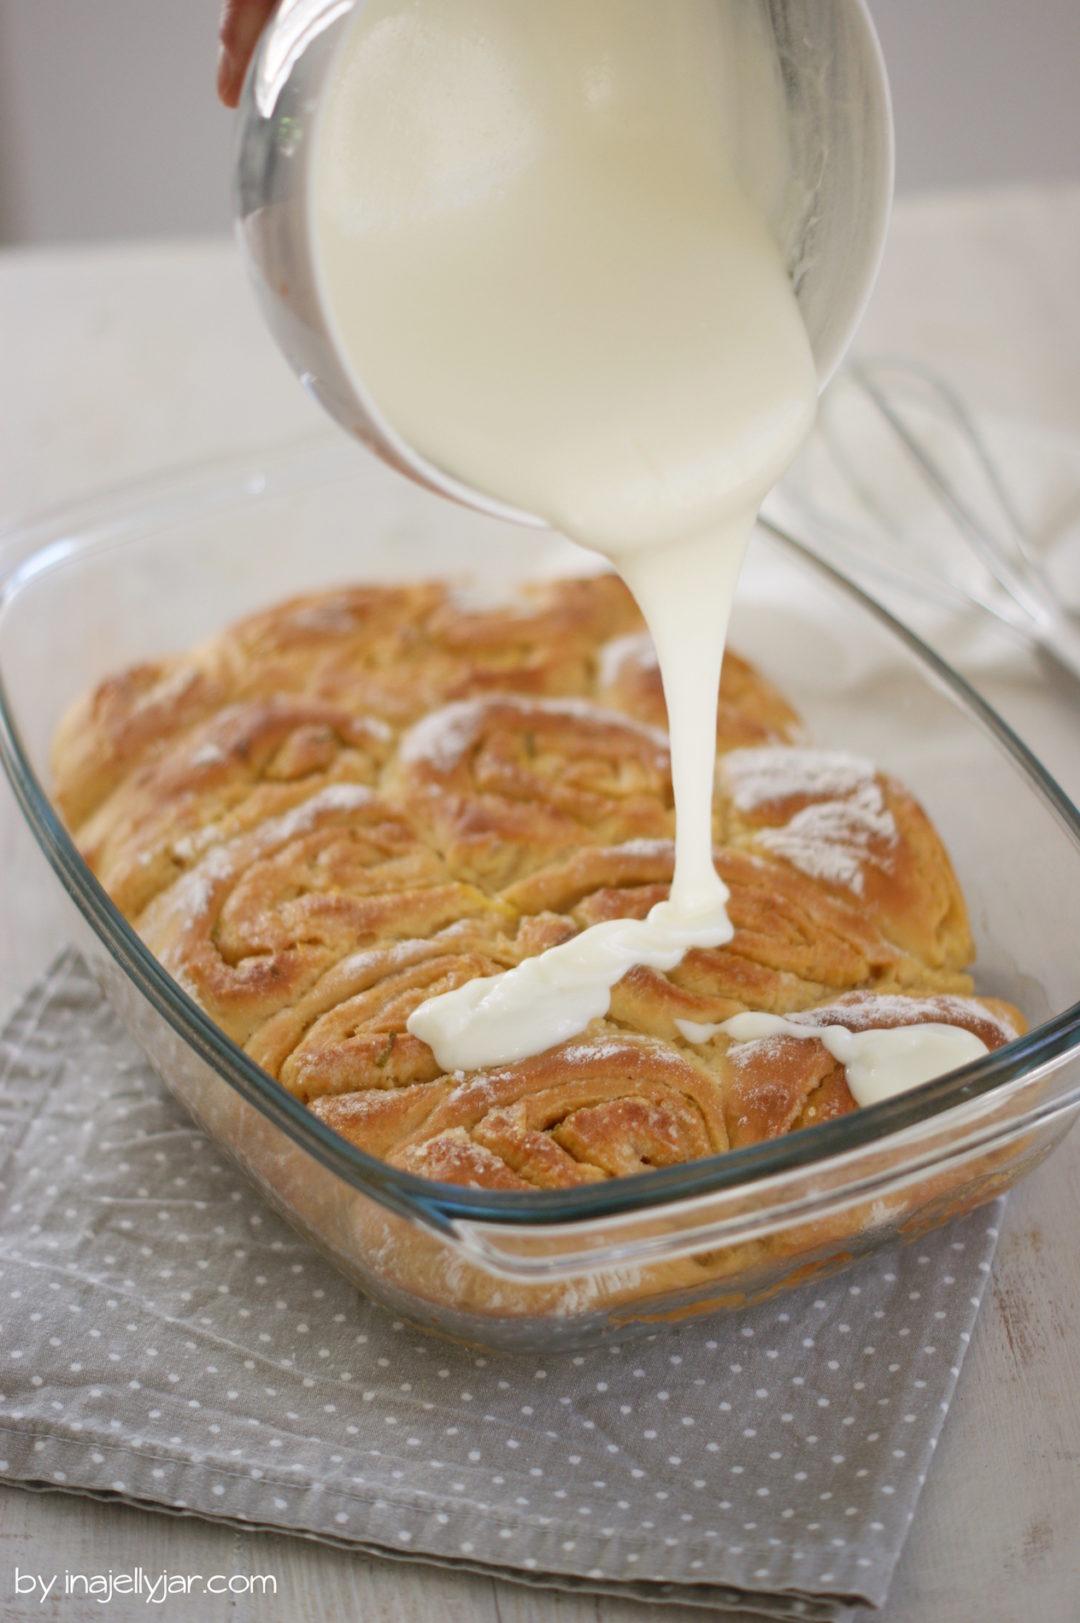 Zitronenschnecken mit cremiger Frischkäseglasur